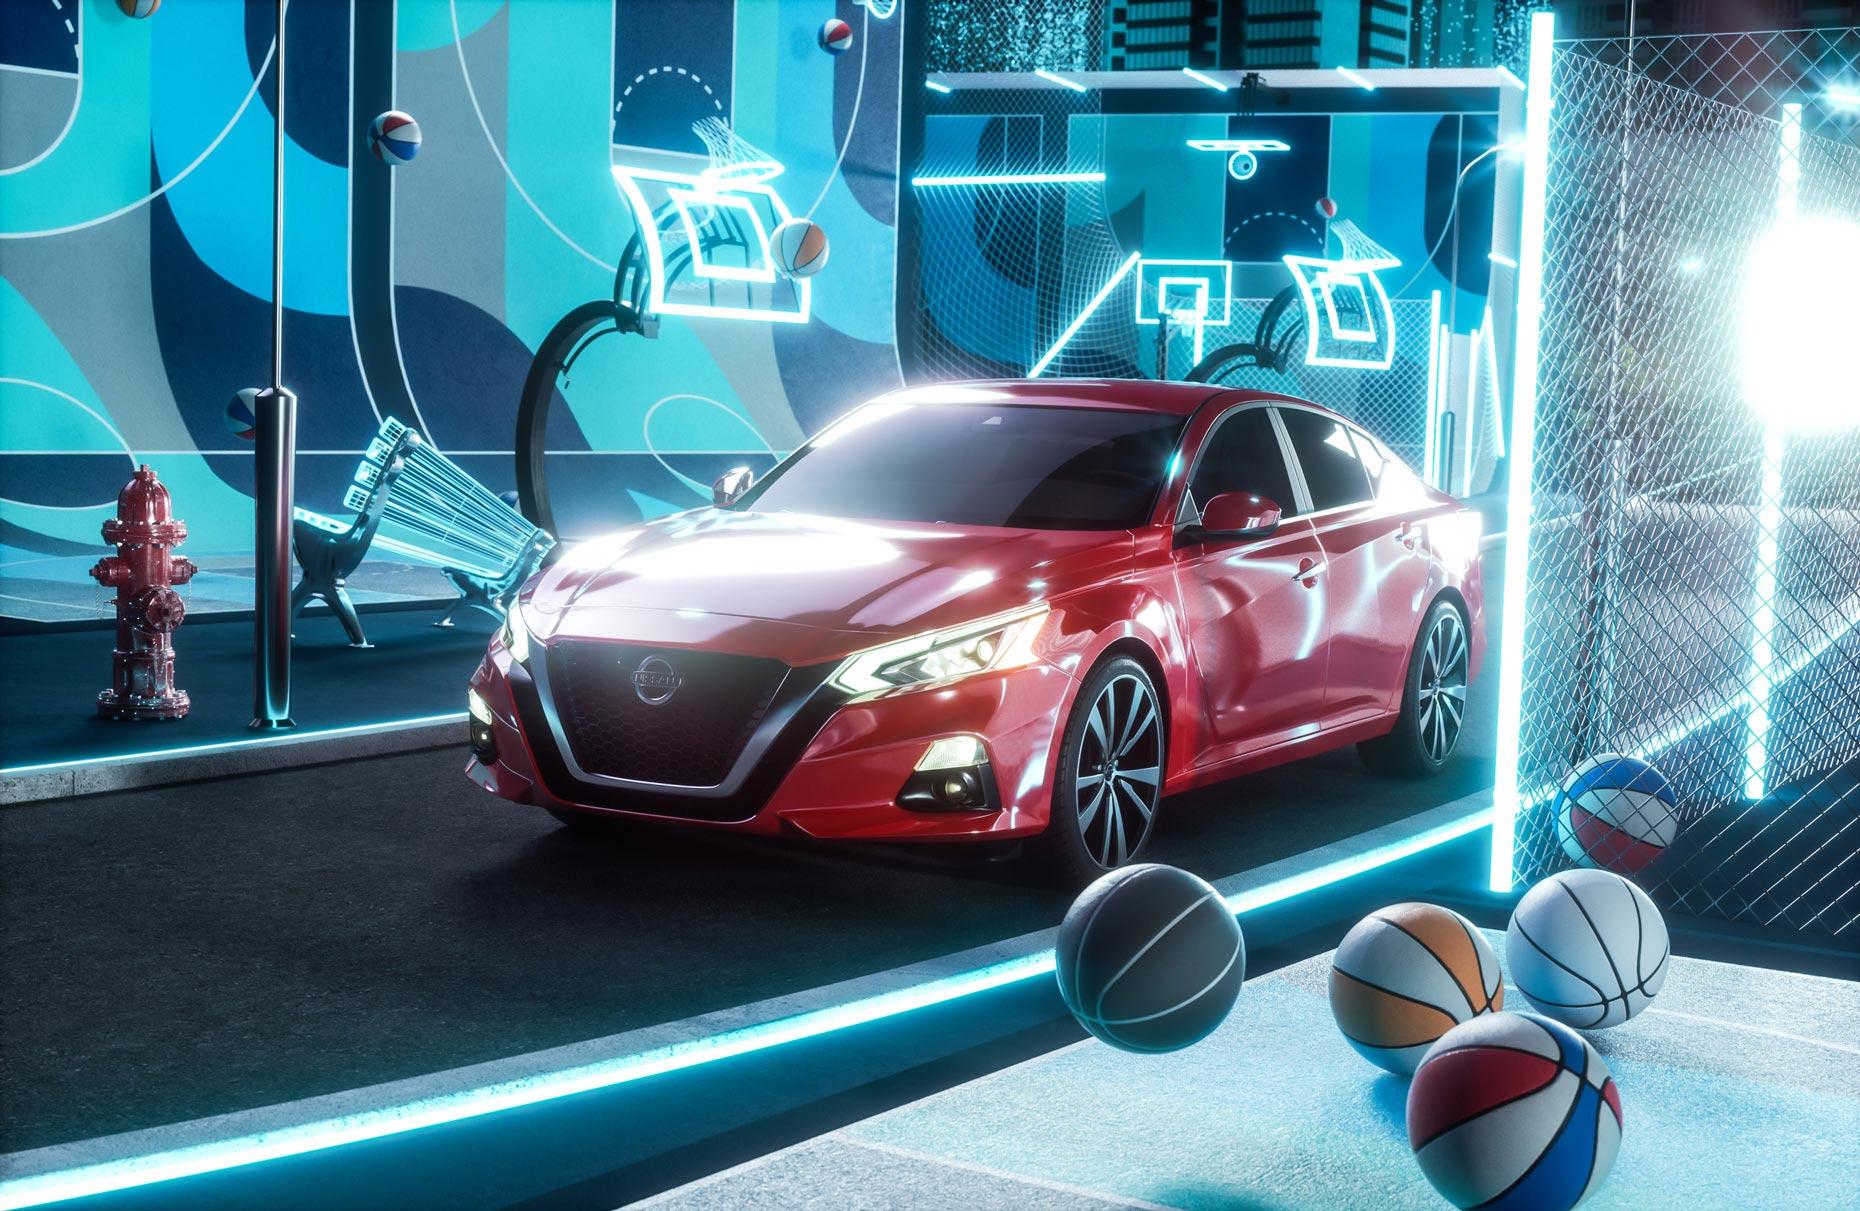 Nissan_2019Altima_WarpingParks_01_Ben-Fearnley.jpg